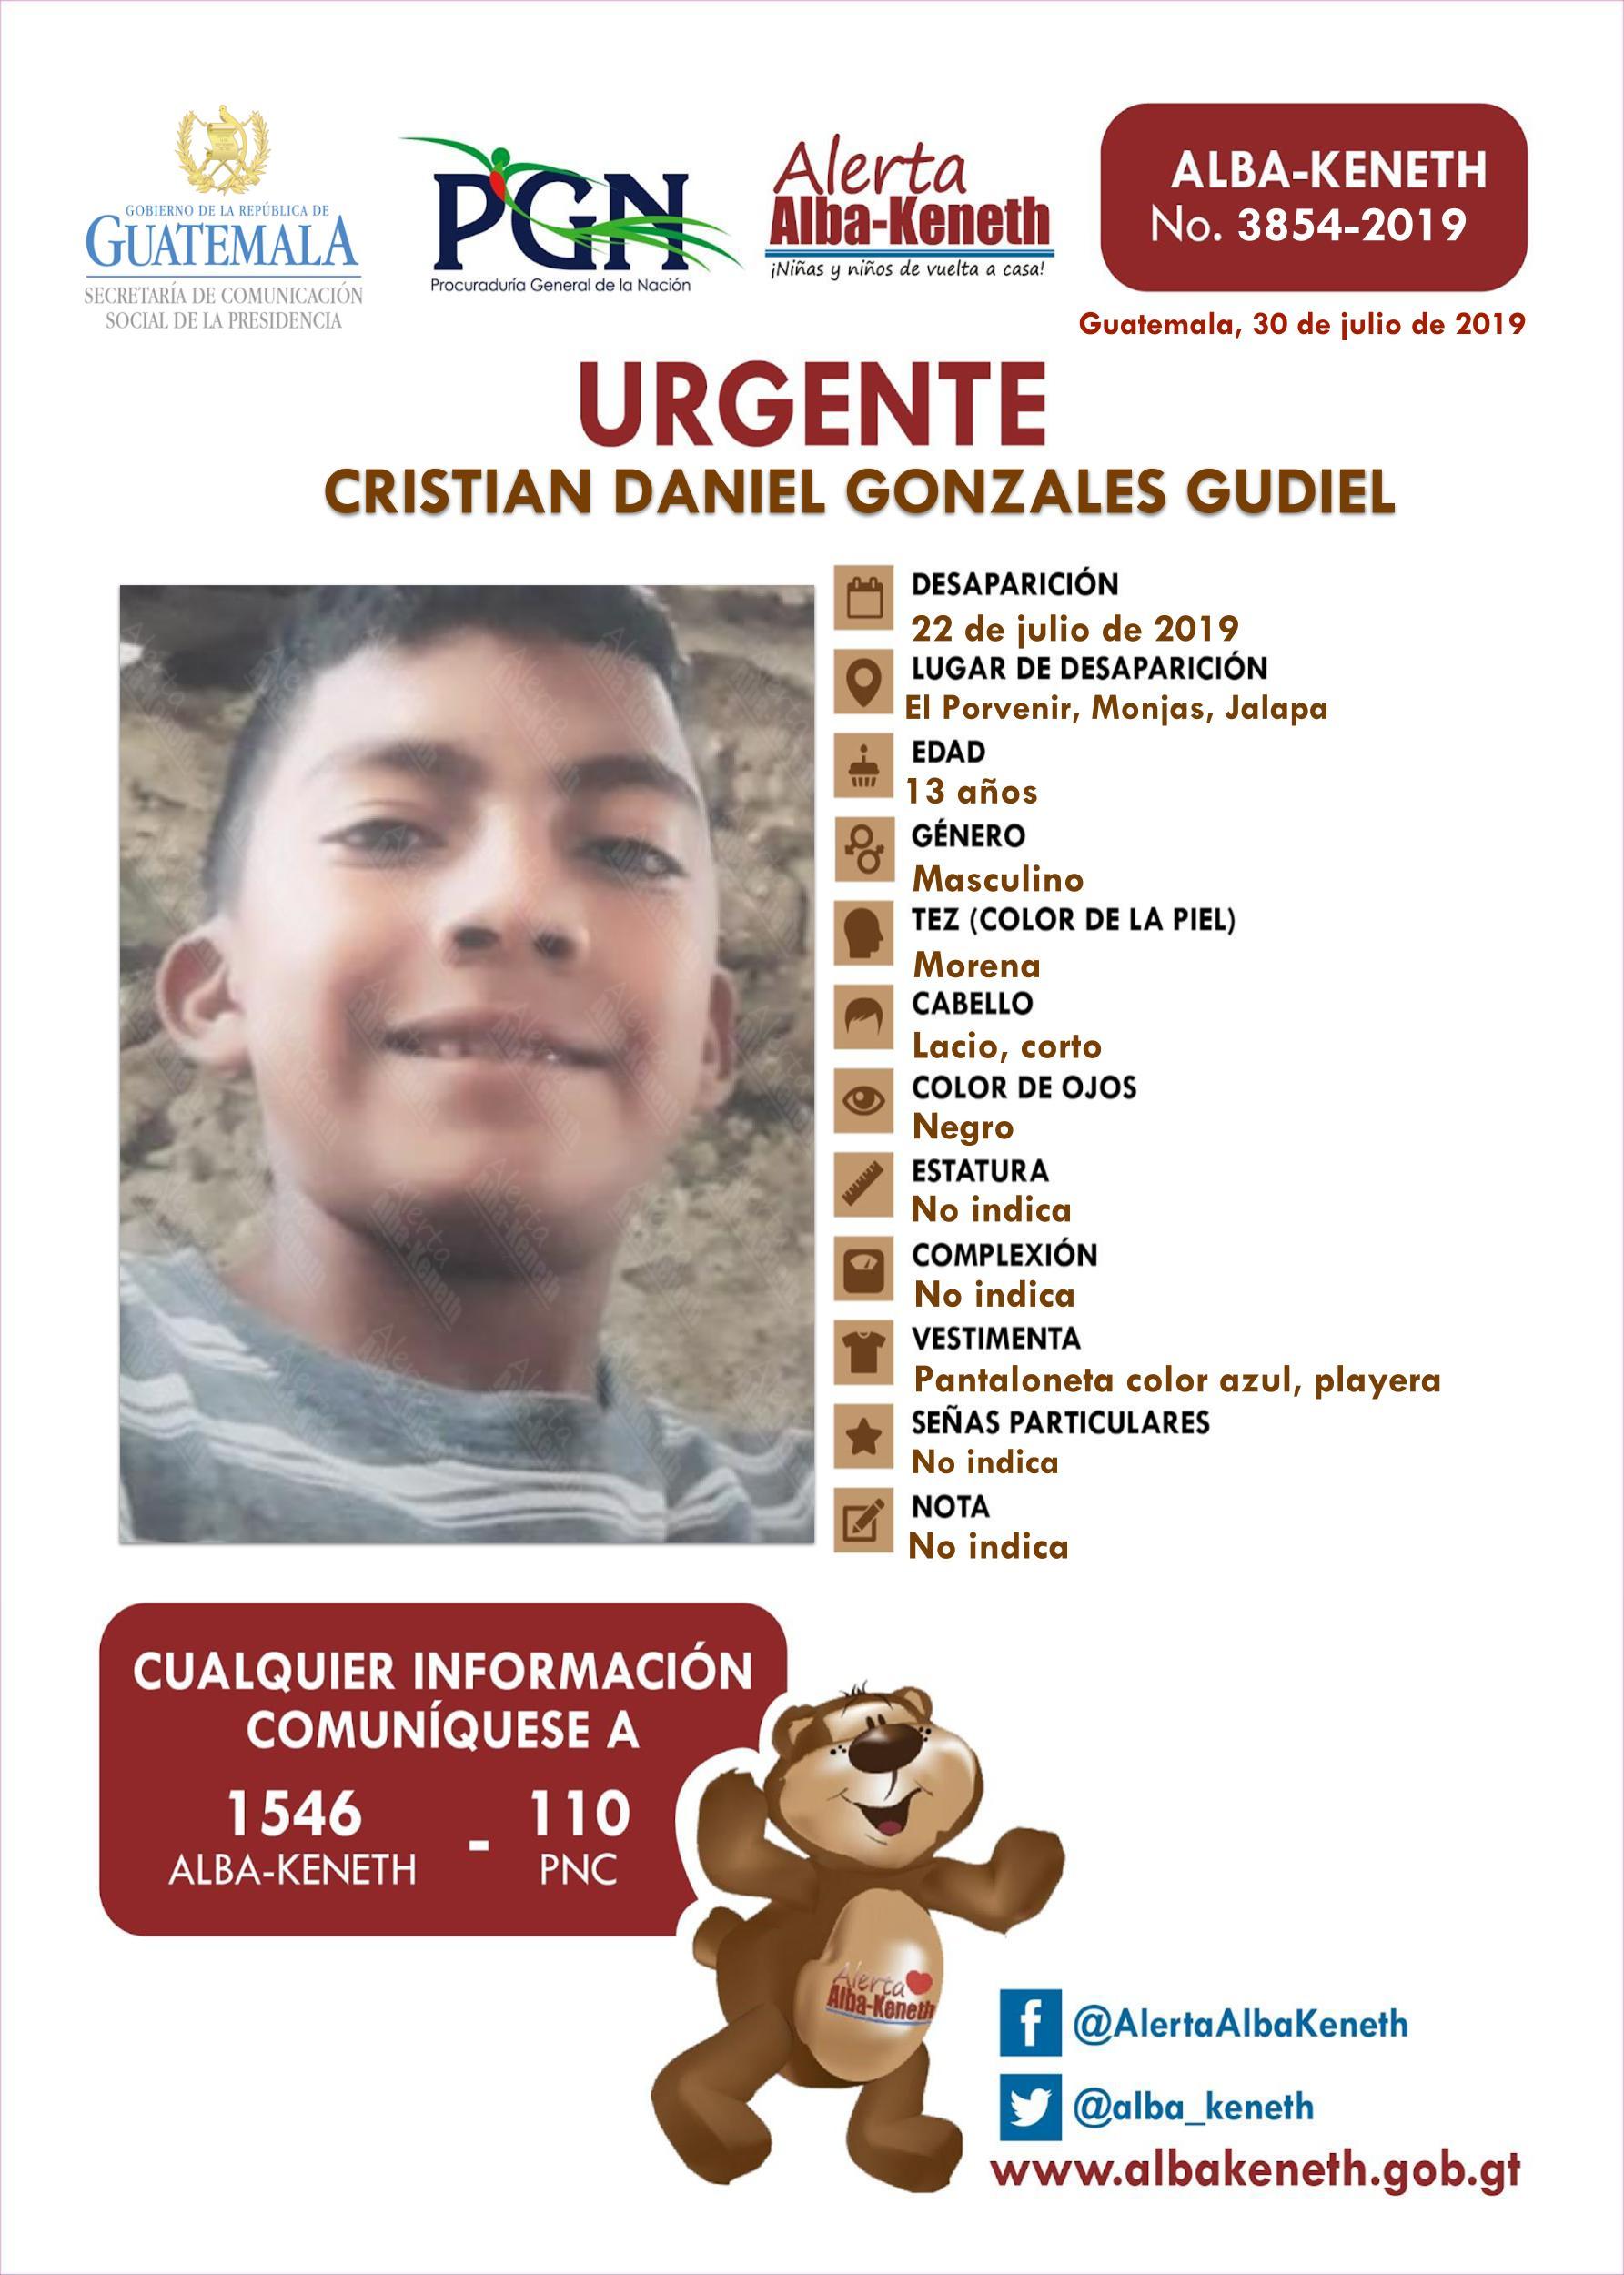 Cristian Daniel Gonzalez Gudiel